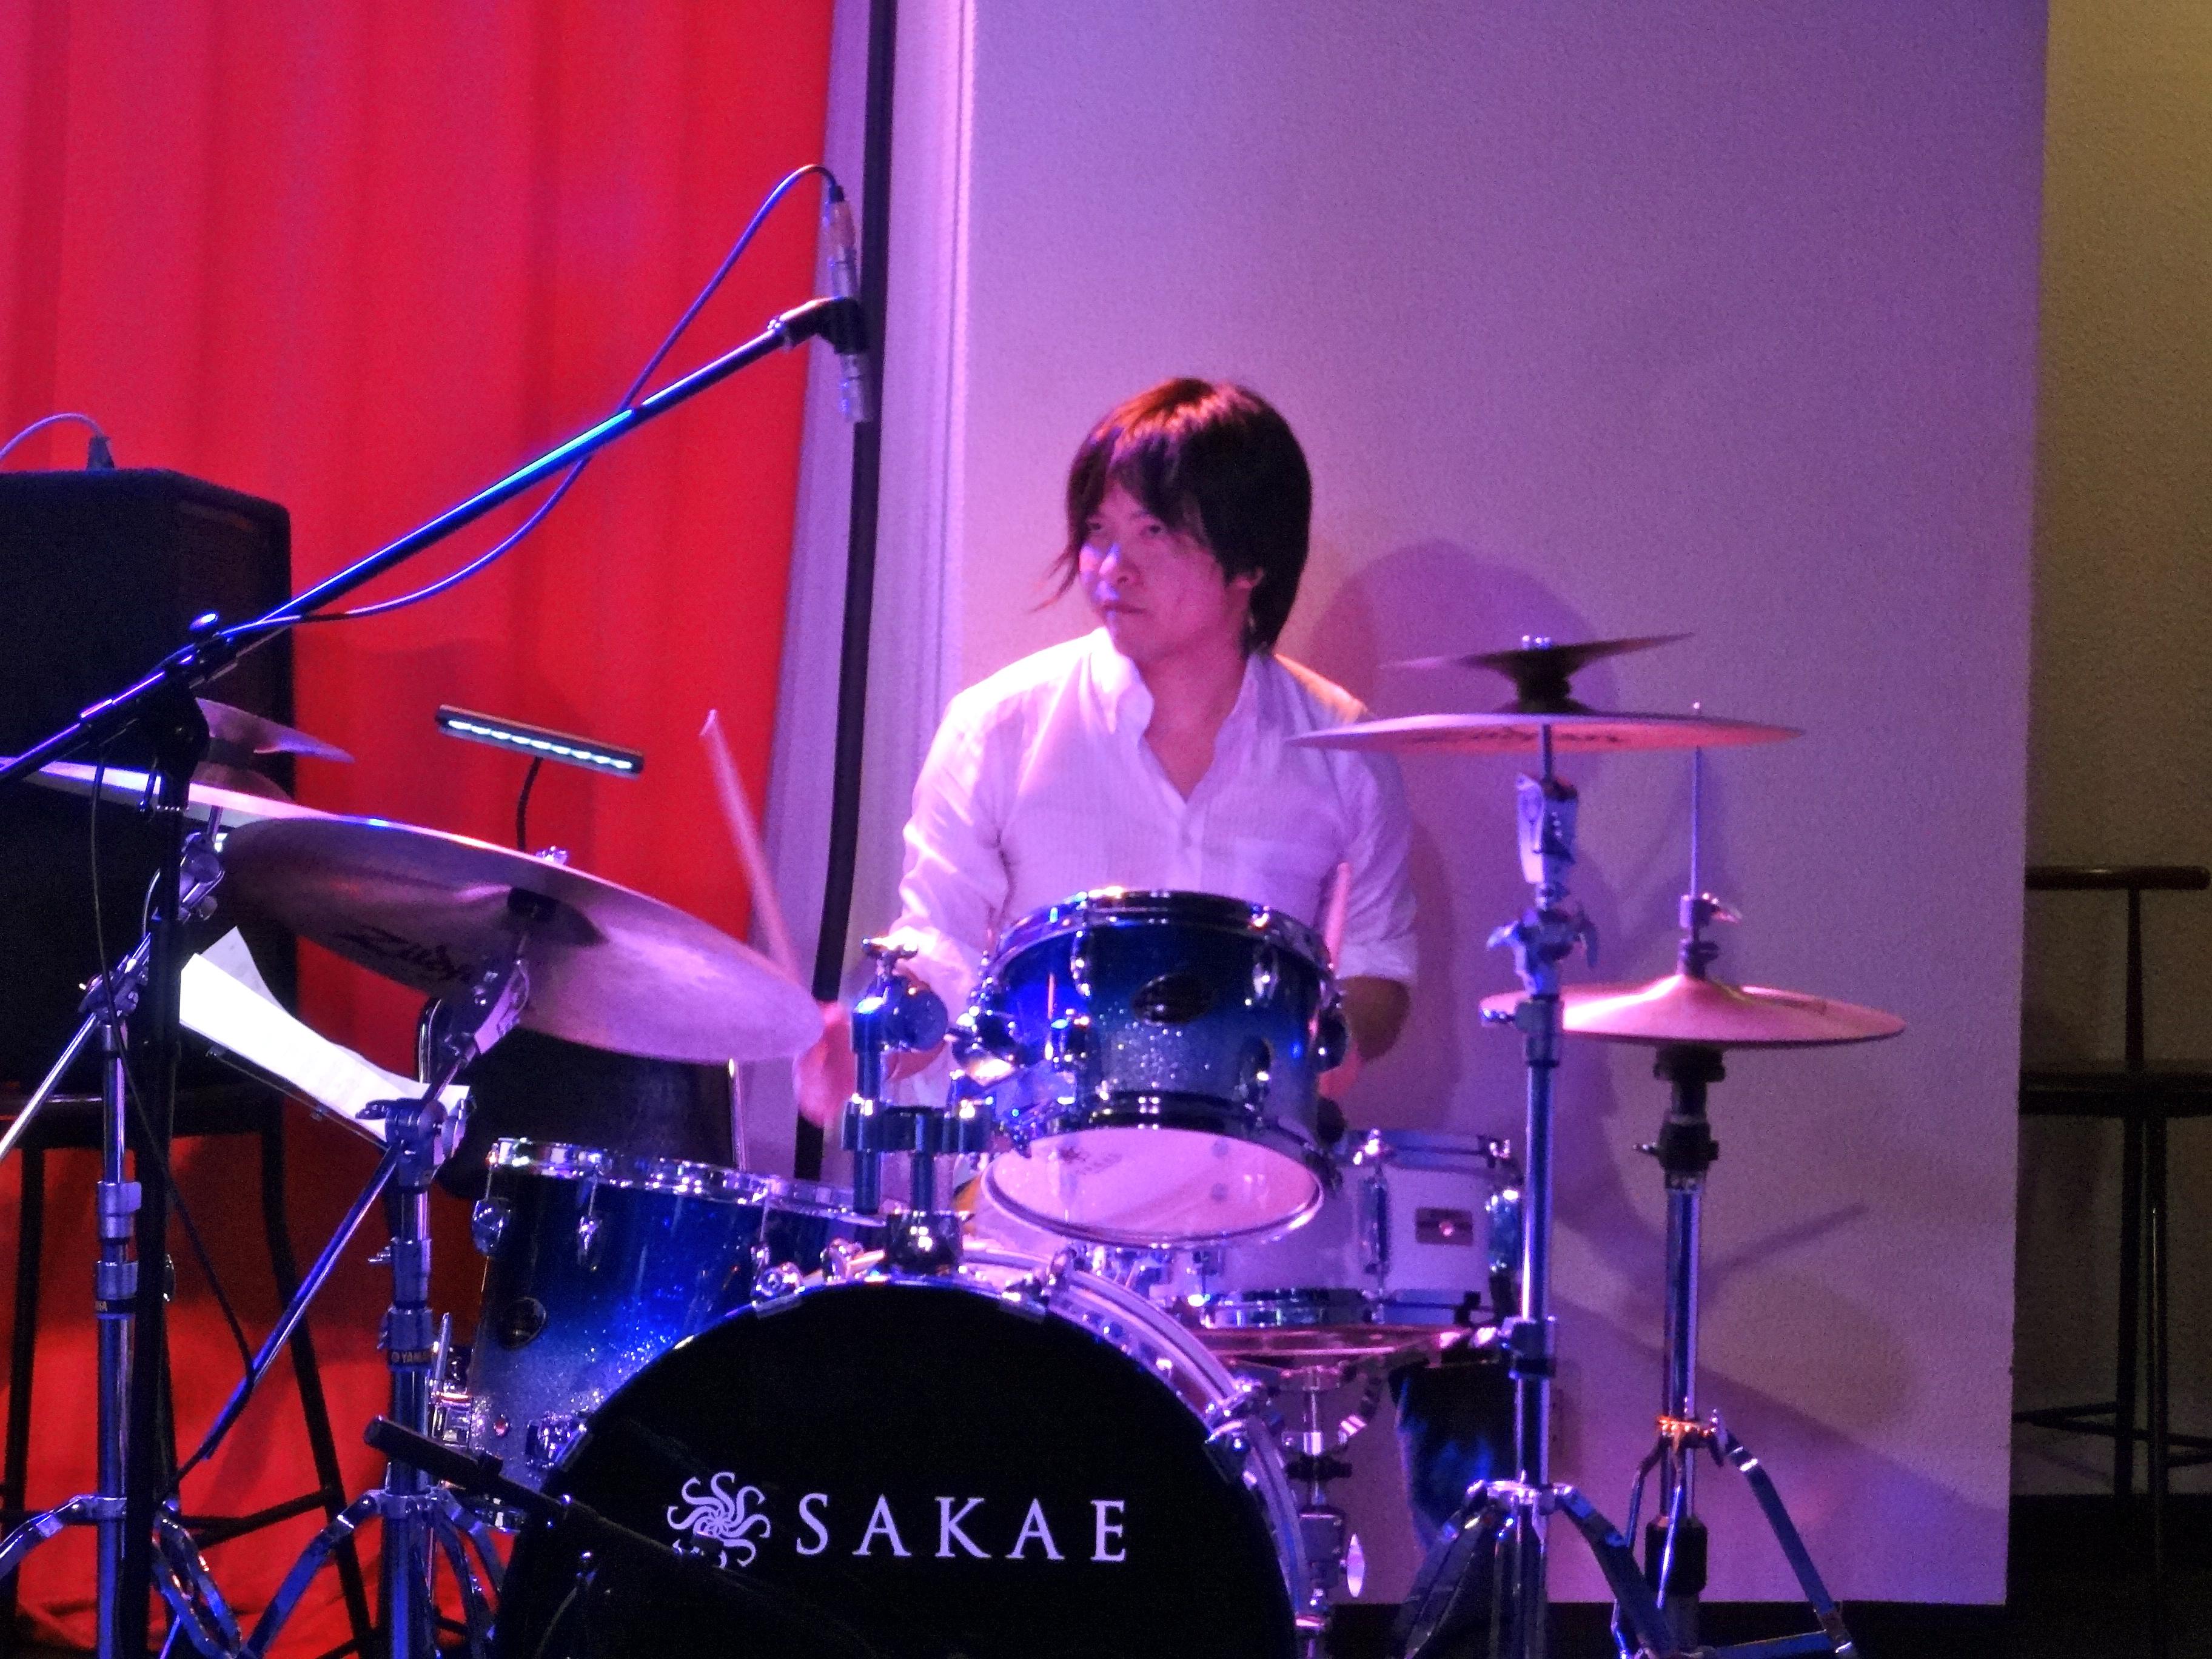 ドラムプレーヤー